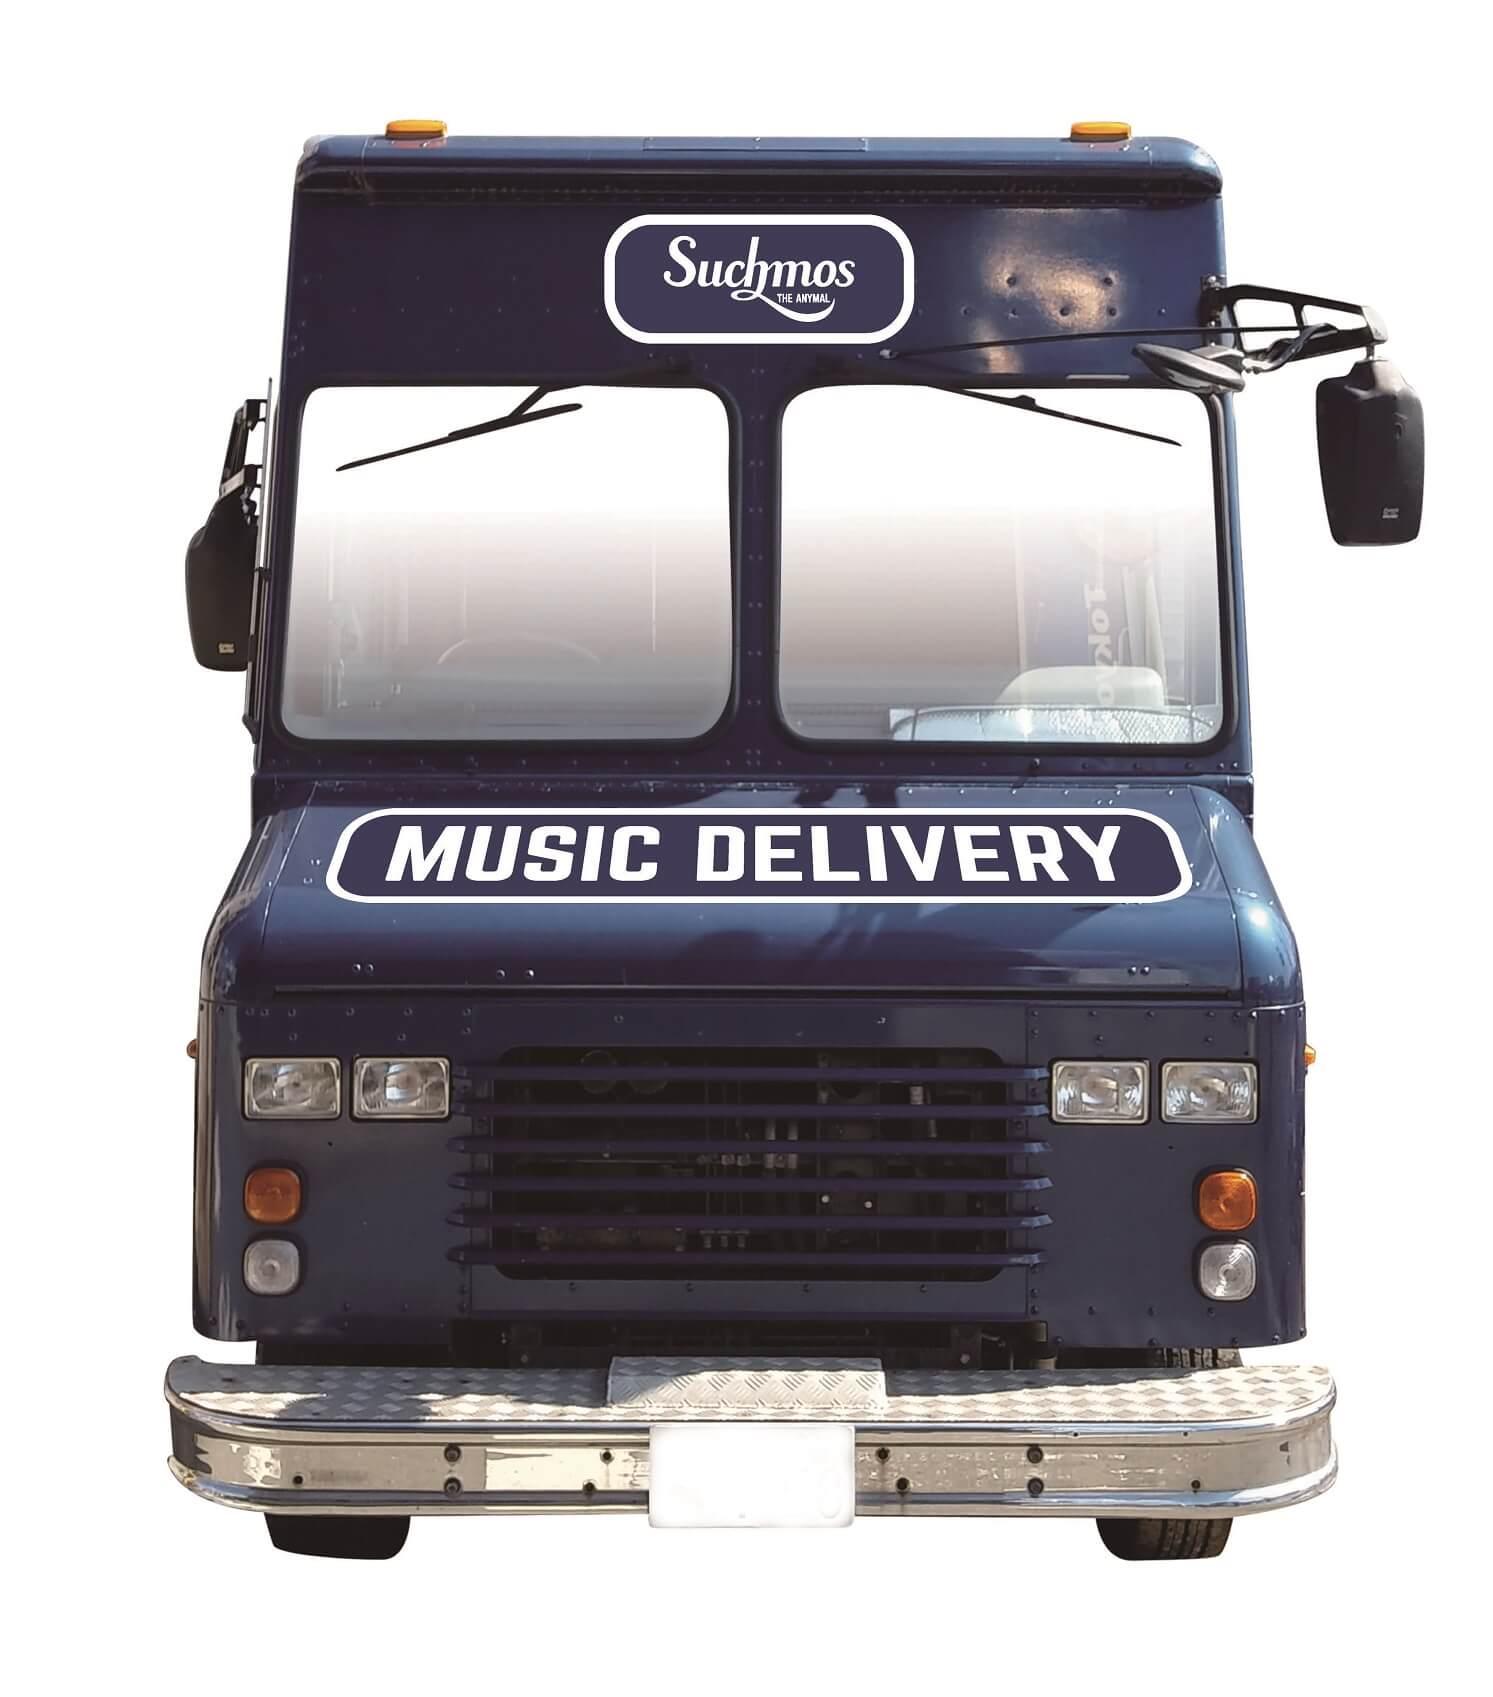 suchmos_music-delivery_the-anymal_truck_%e3%82%b5%e3%83%81%e3%83%a2%e3%82%b9_%e3%82%b6%e3%82%a2%e3%83%8b%e3%83%9e%e3%83%ab_%e3%83%88%e3%83%a9%e3%83%83%e3%82%af_%e7%a7%bb%e5%8b%95%e8%b2%a9%e5%a3%b2_3-2